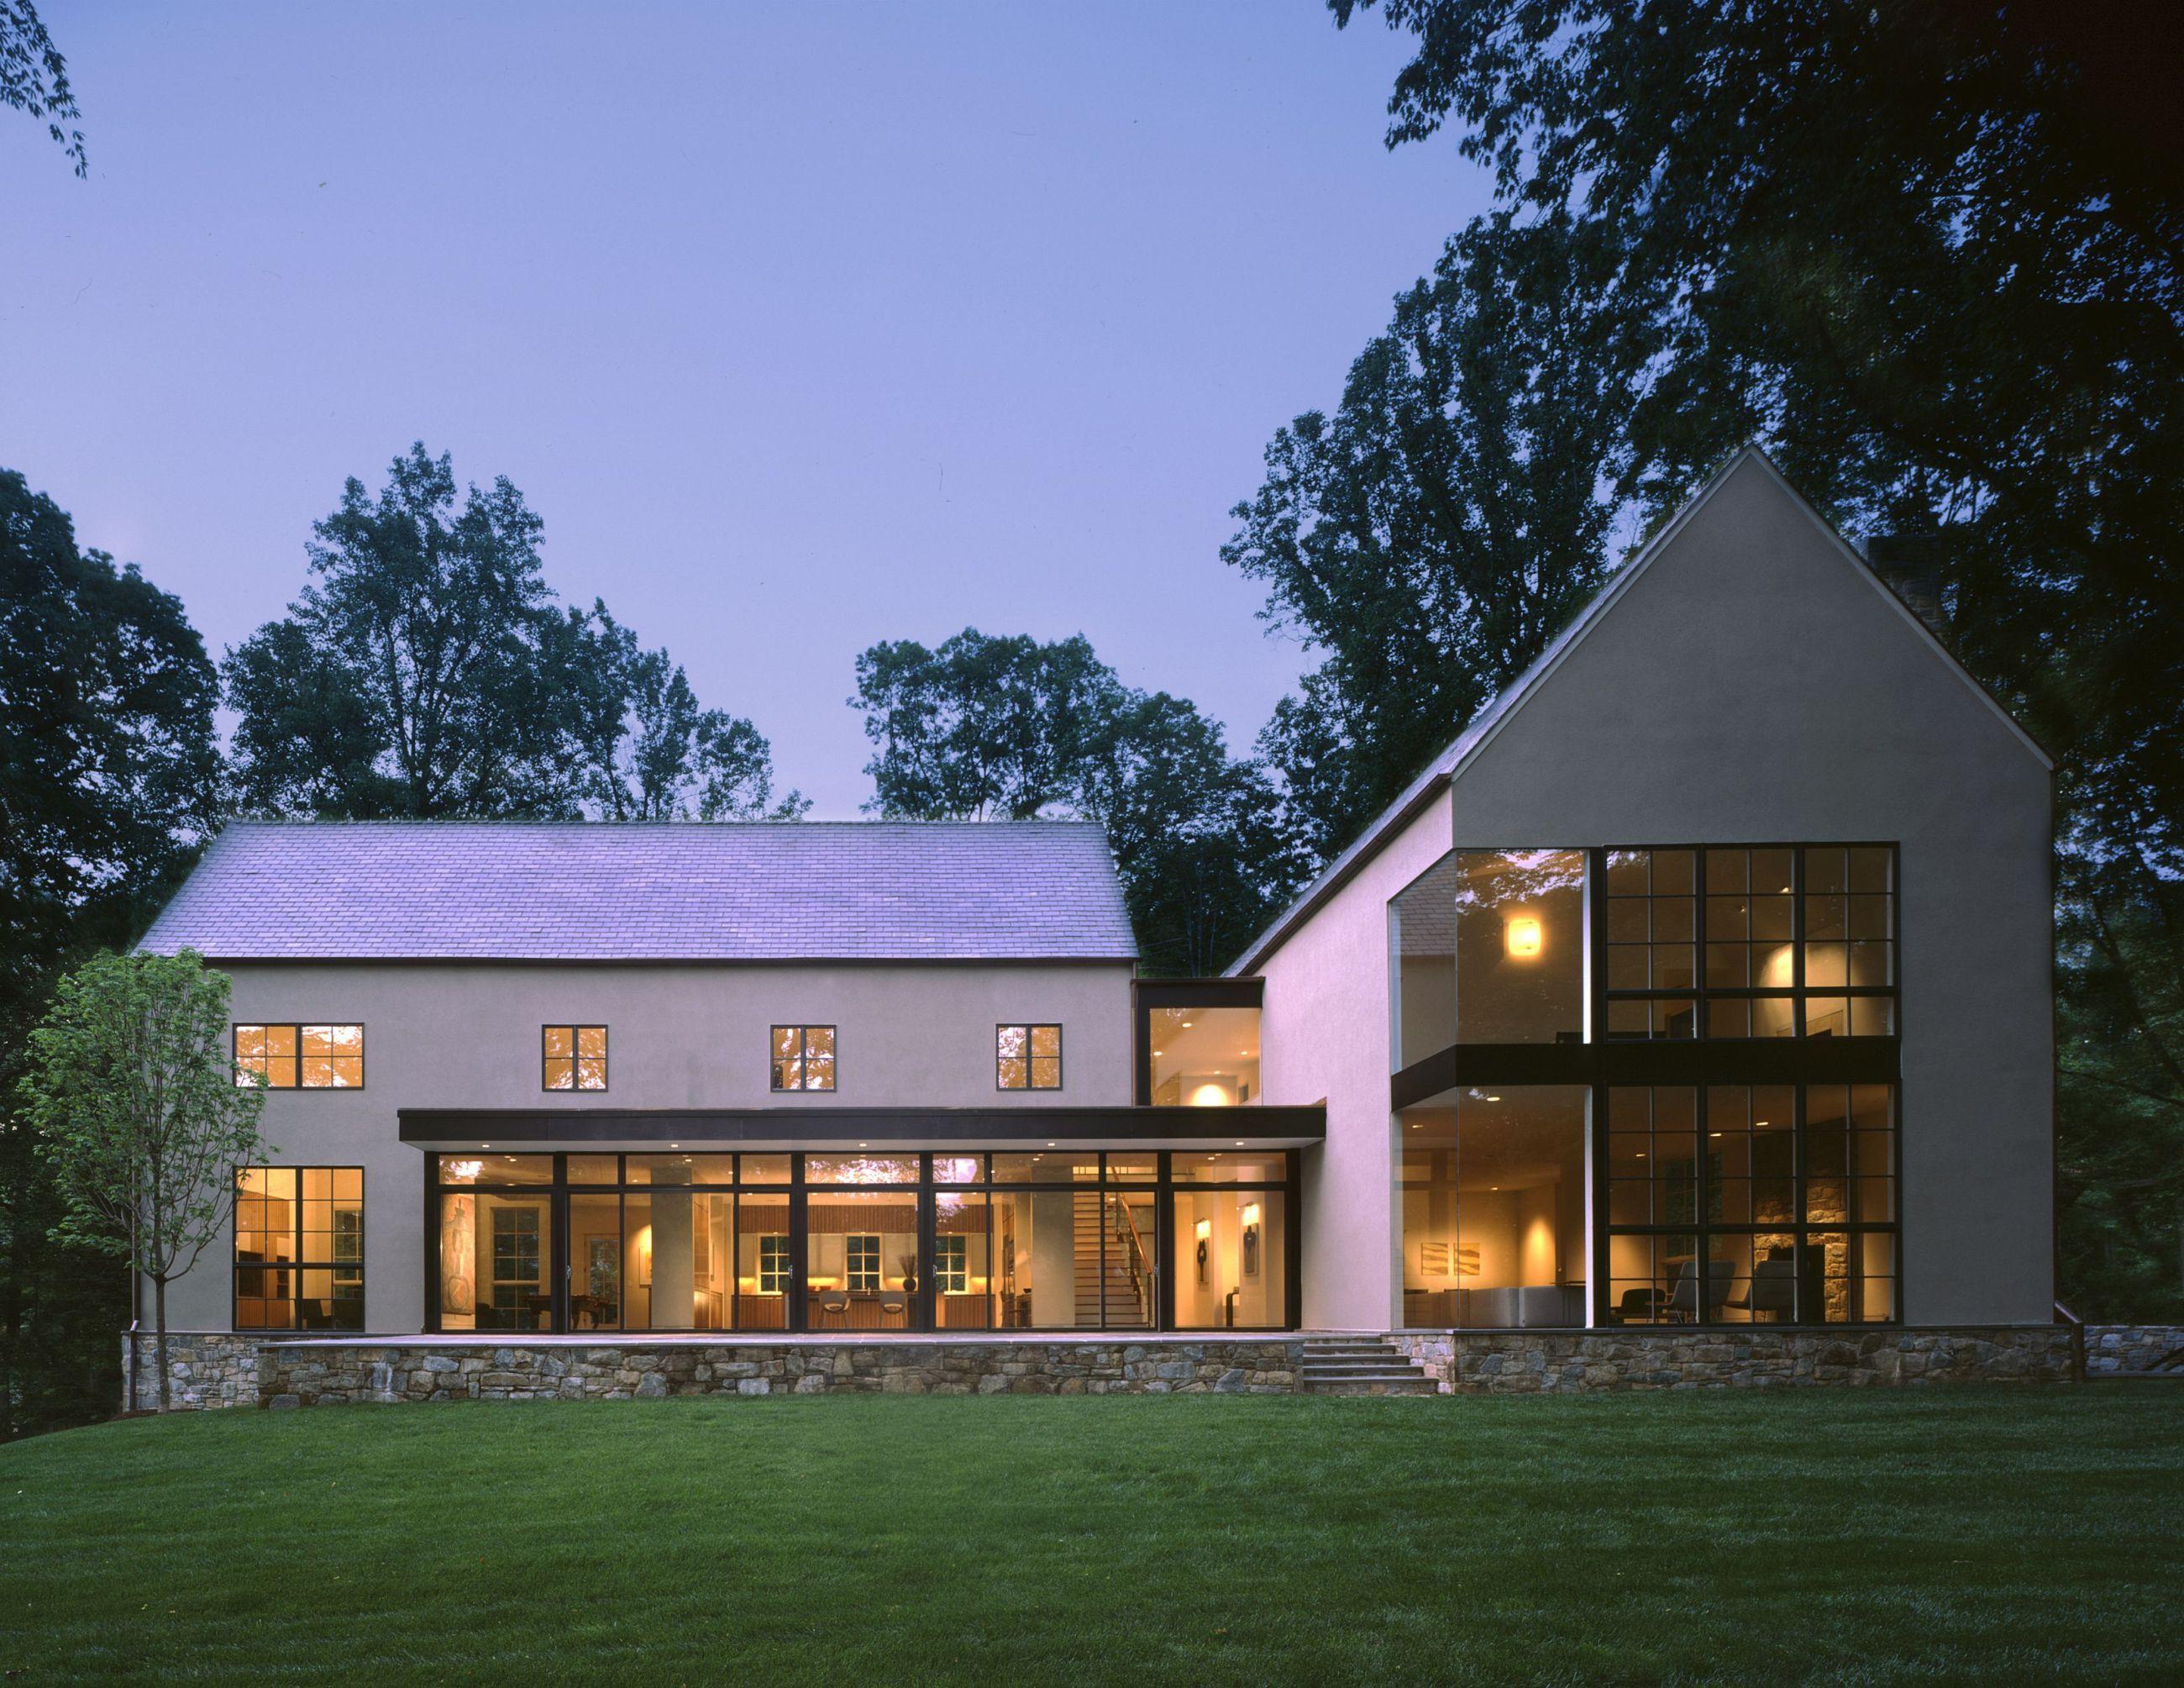 Modernes bungalow innenarchitektur wohnzimmer piotr schnieder piotrschnieder on pinterest